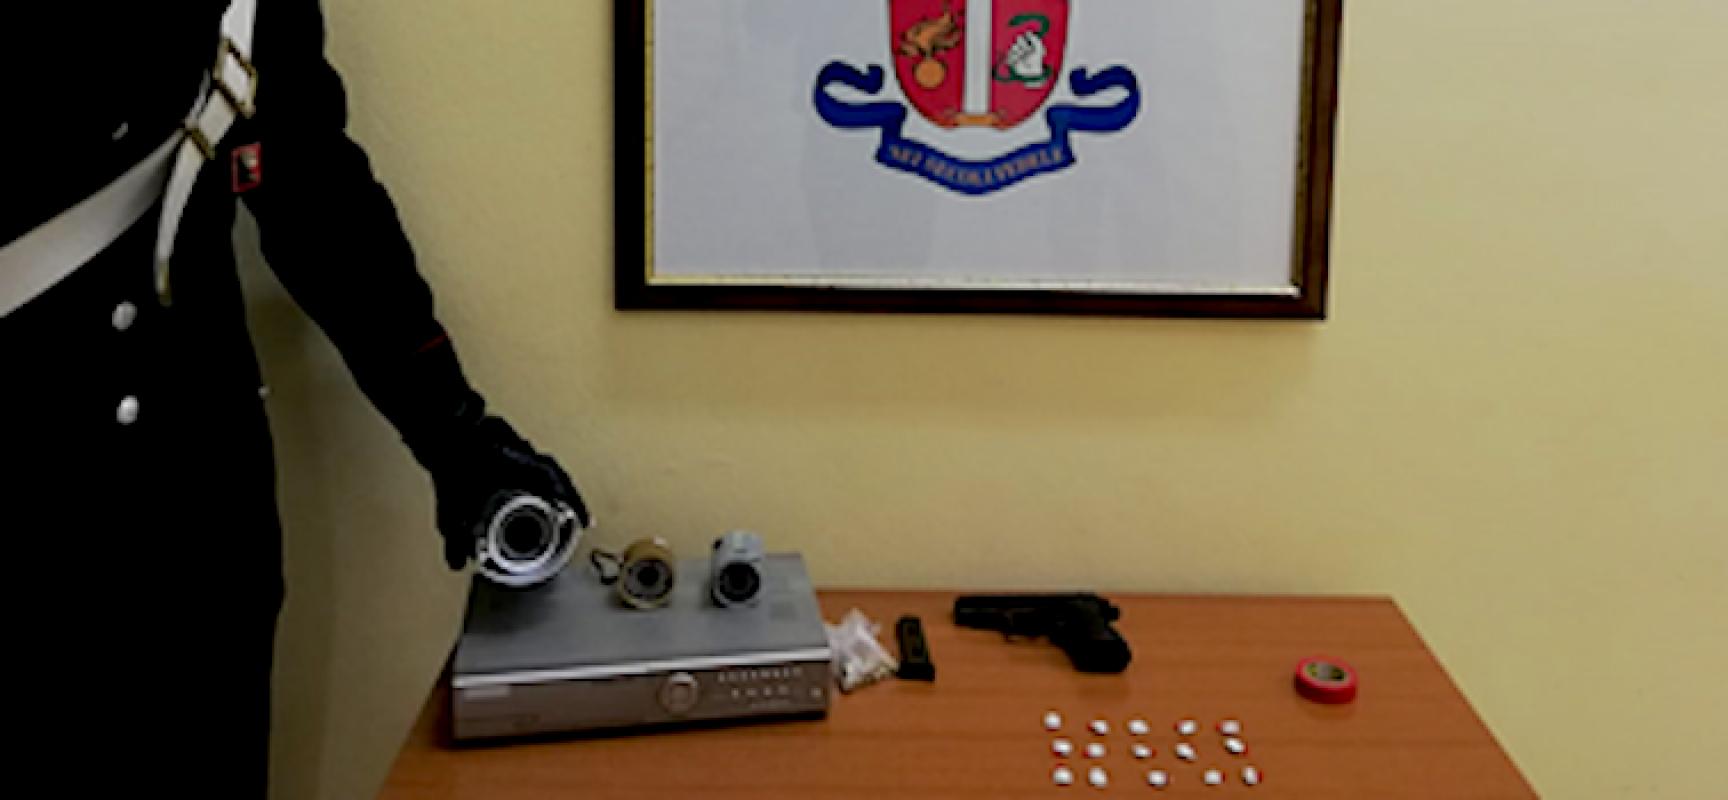 Arrestati due coniugi per detenzione droga a fine spaccio e arma da fuoco clandestina